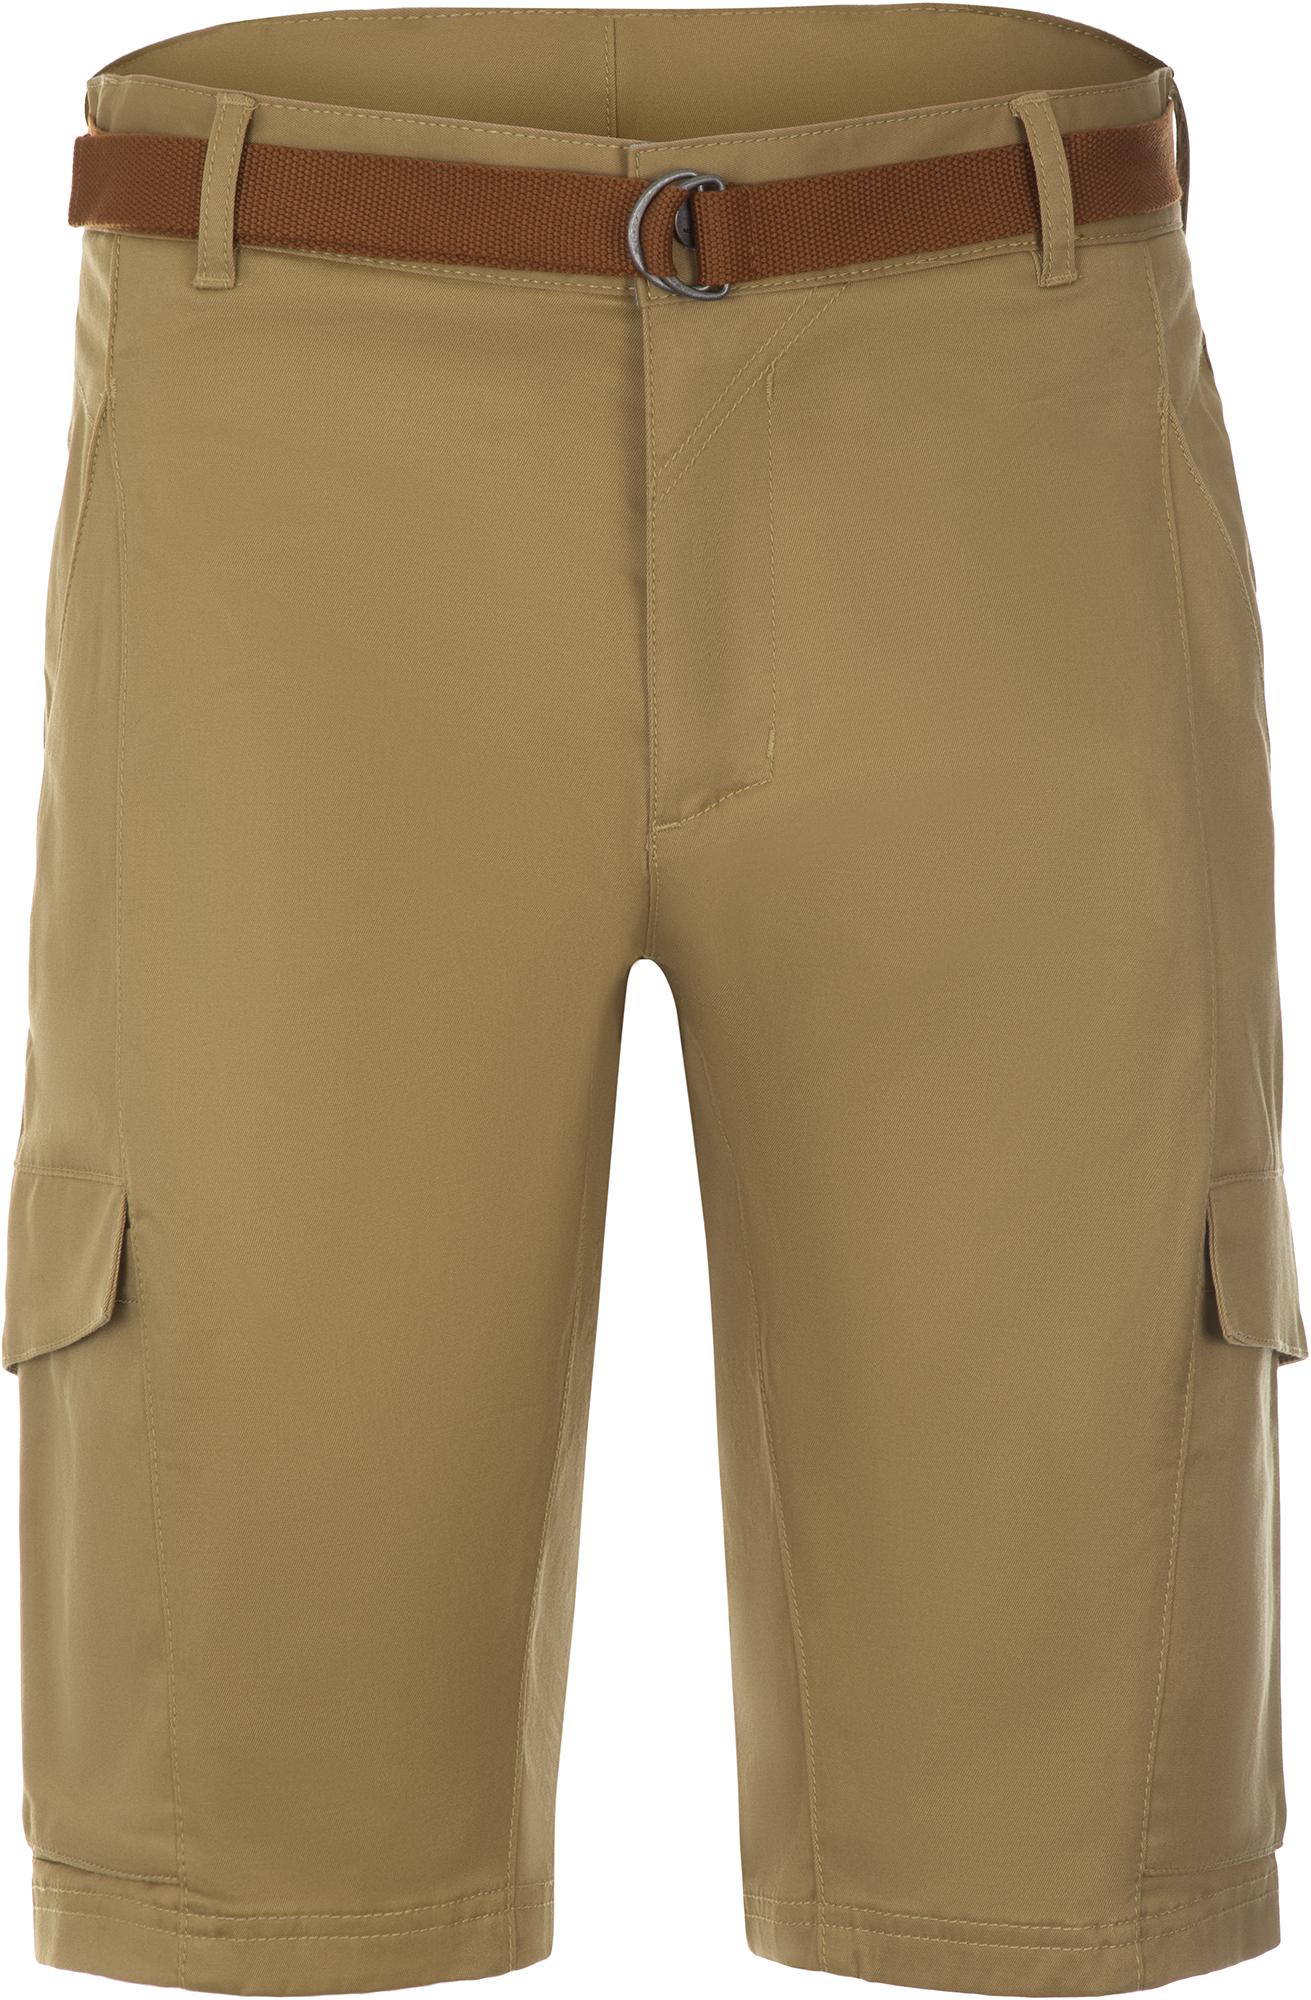 Merrell Шорты мужские Merrell, размер 48 merrell шорты женские merrell